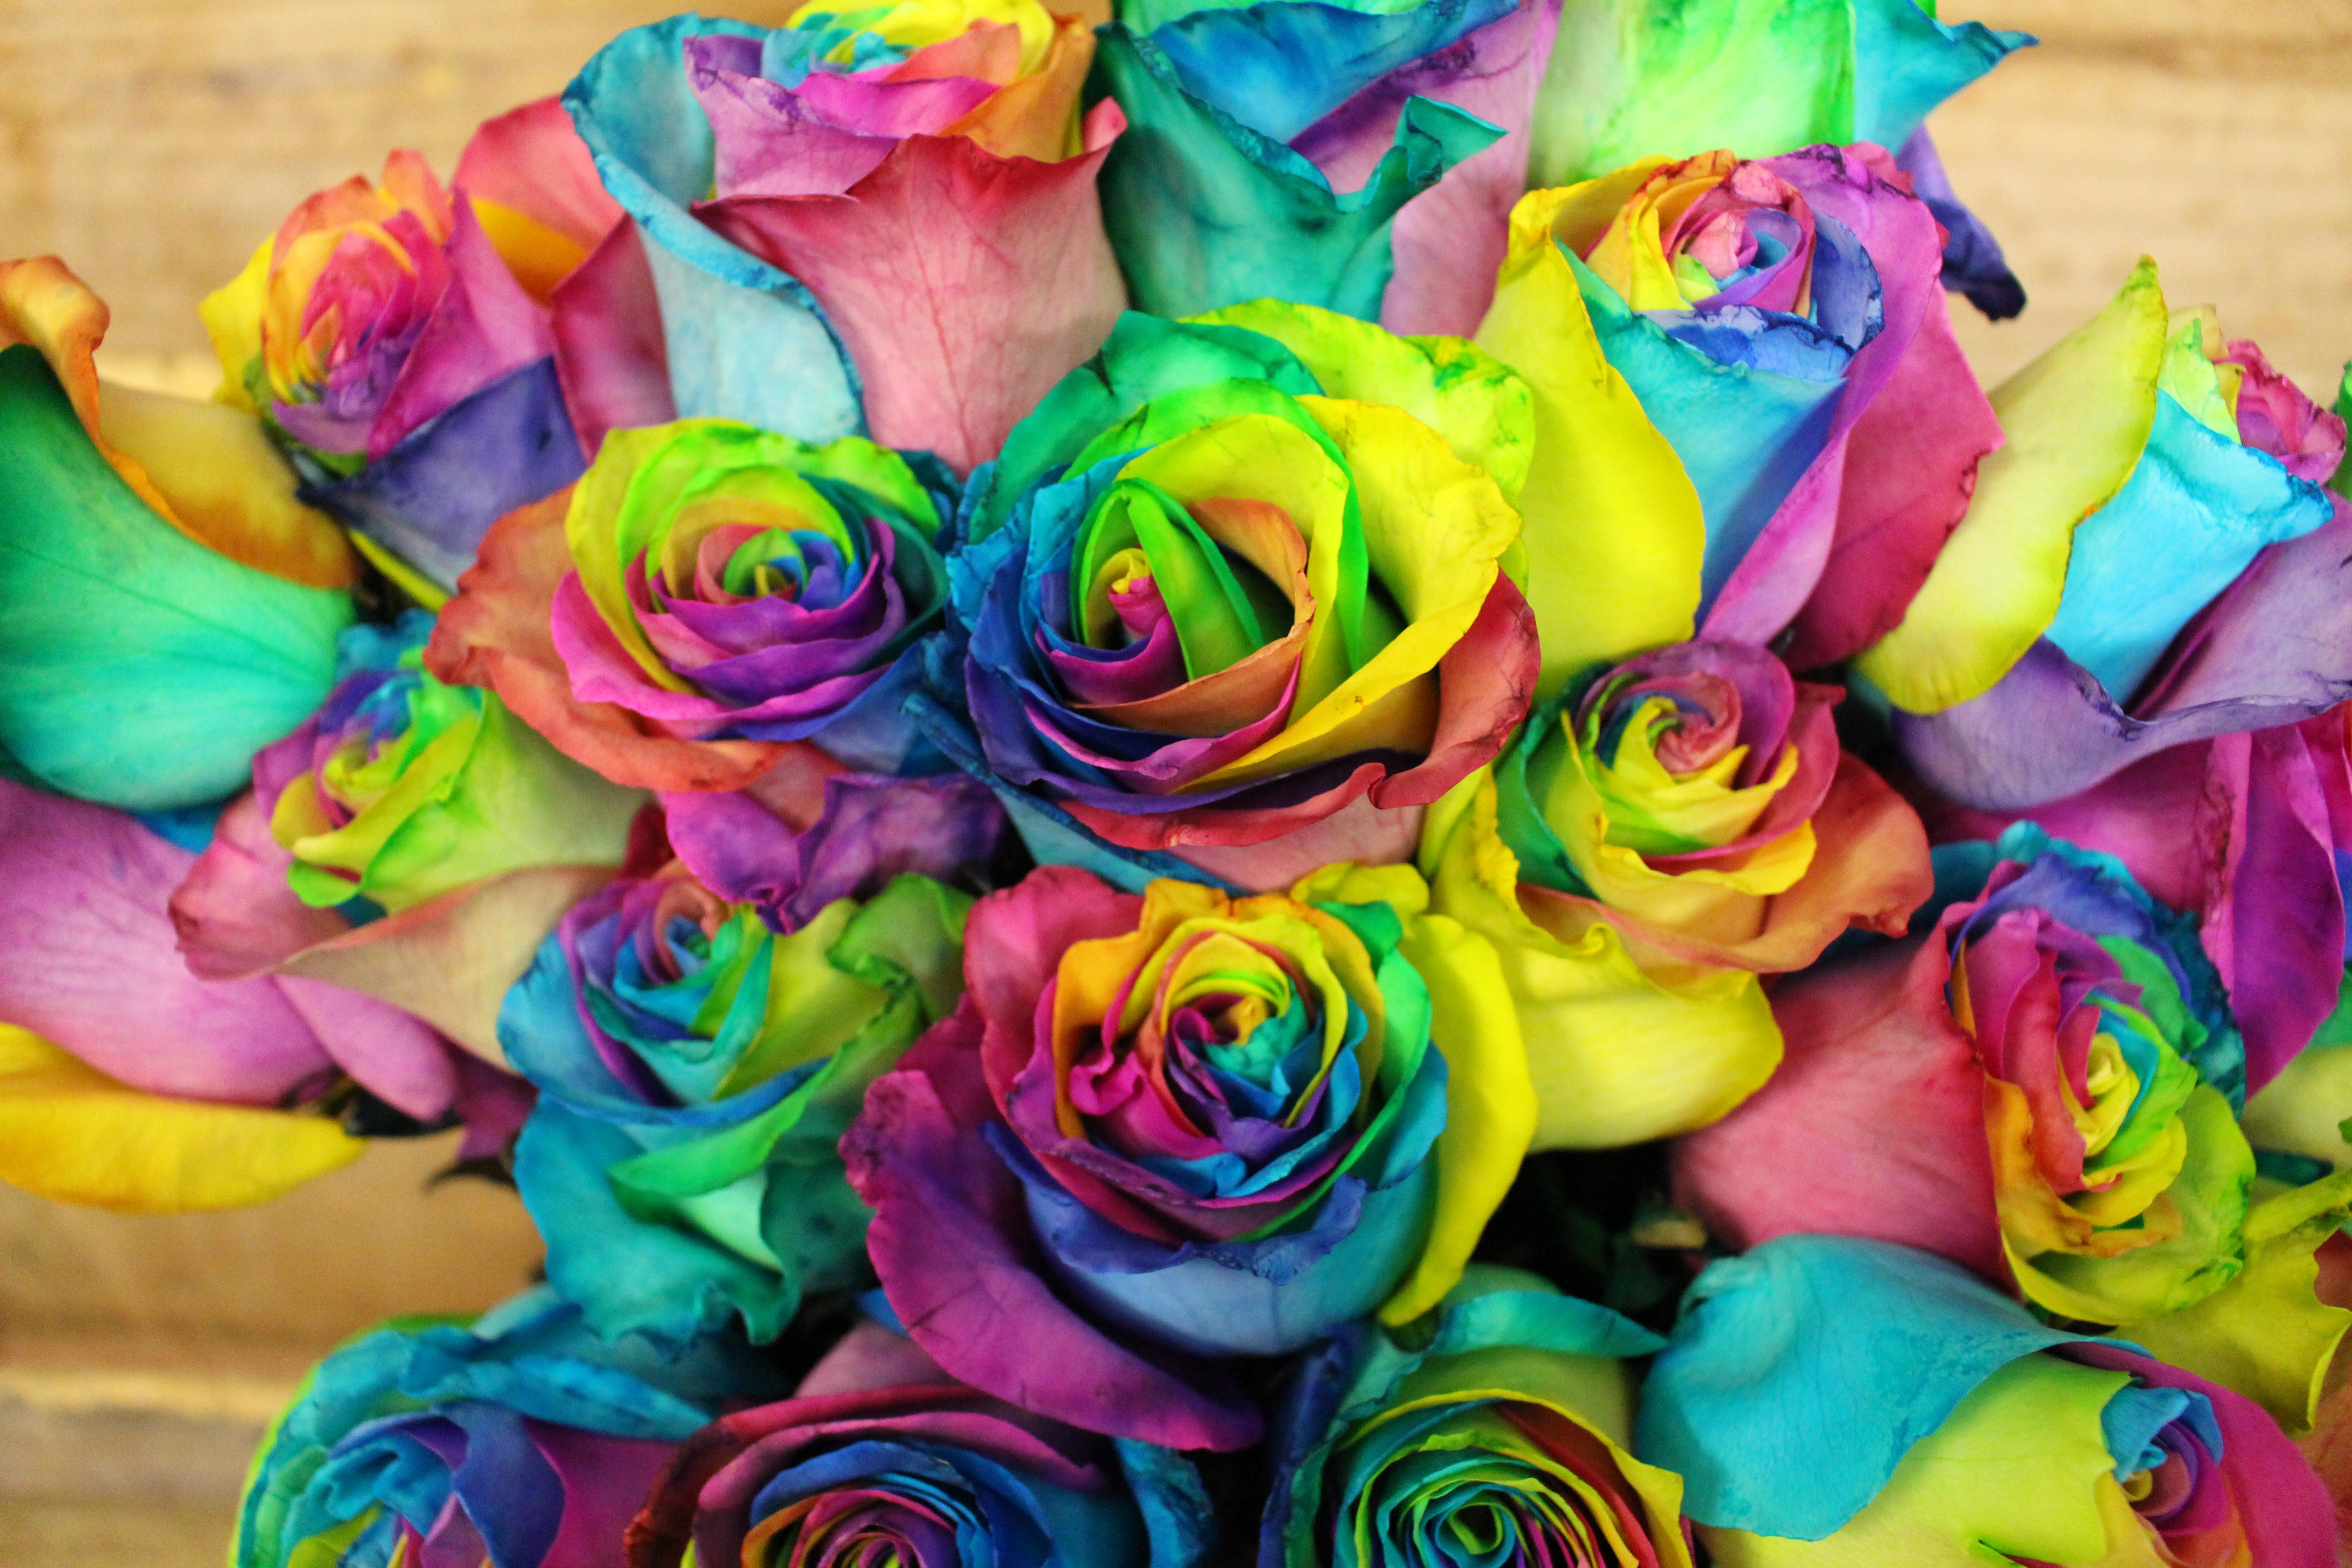 Rainbow Roses Flowers Of Bethlehem